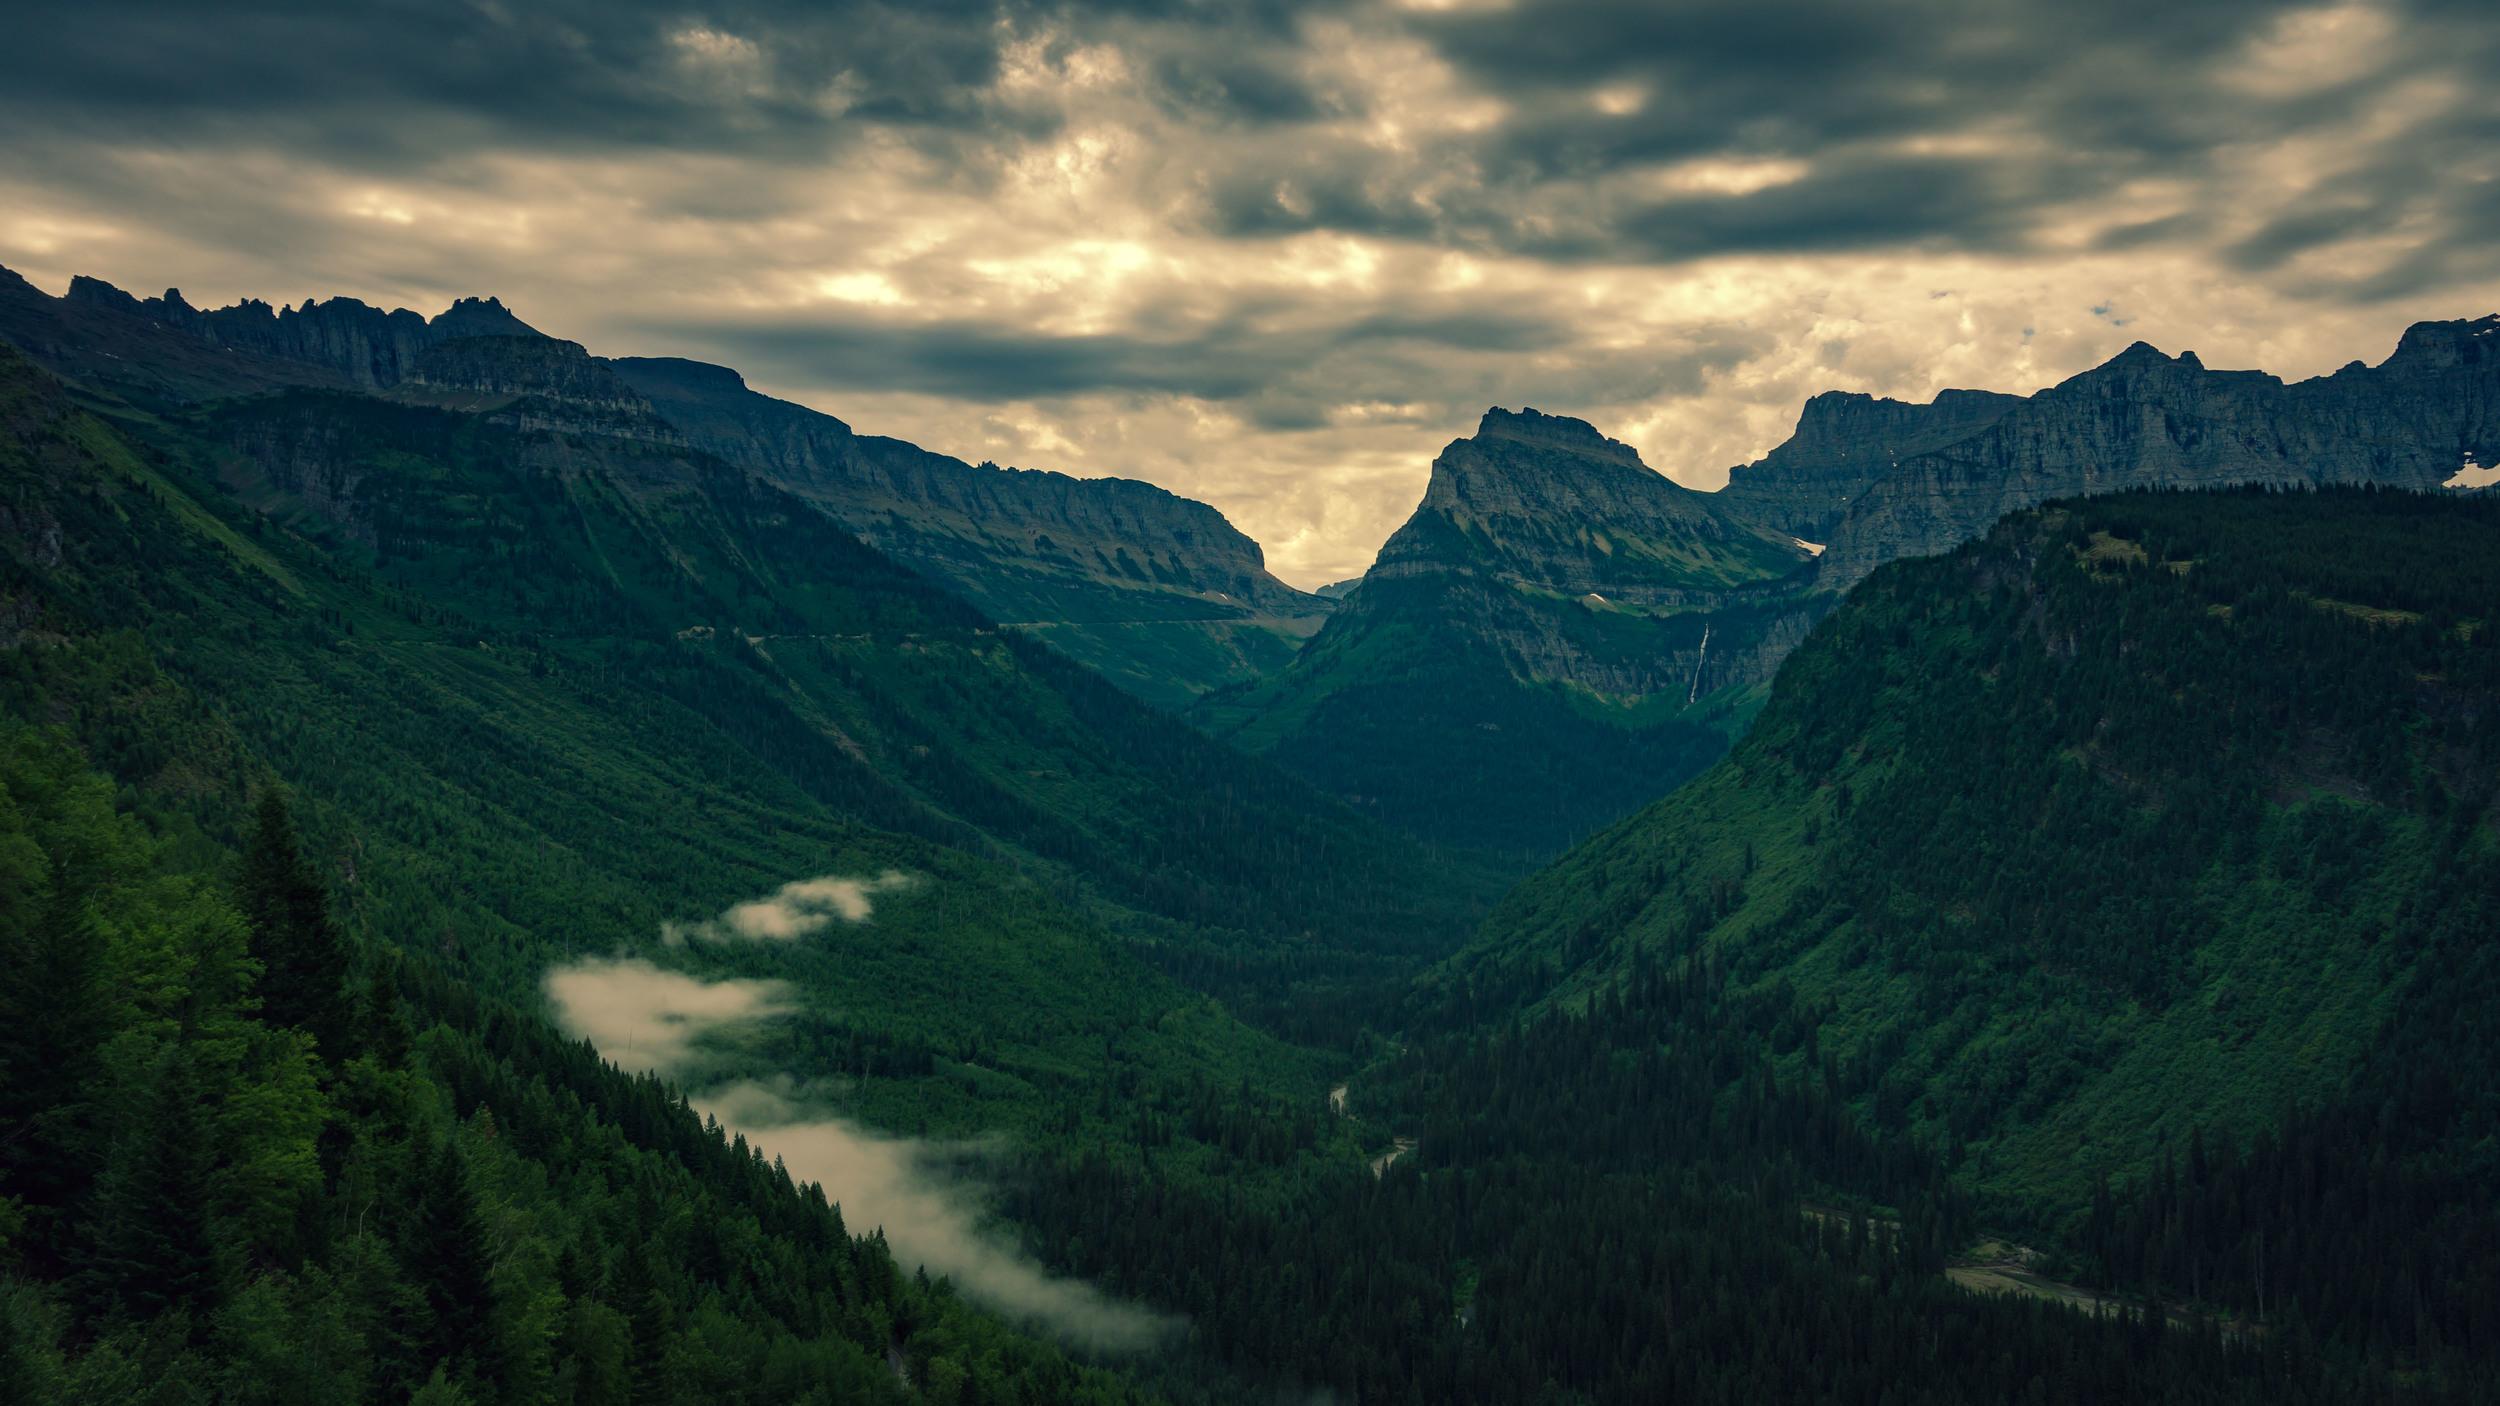 #hiking #clouds #mountains #sky #glacier #nationalpark #montana #usa #glaciernps